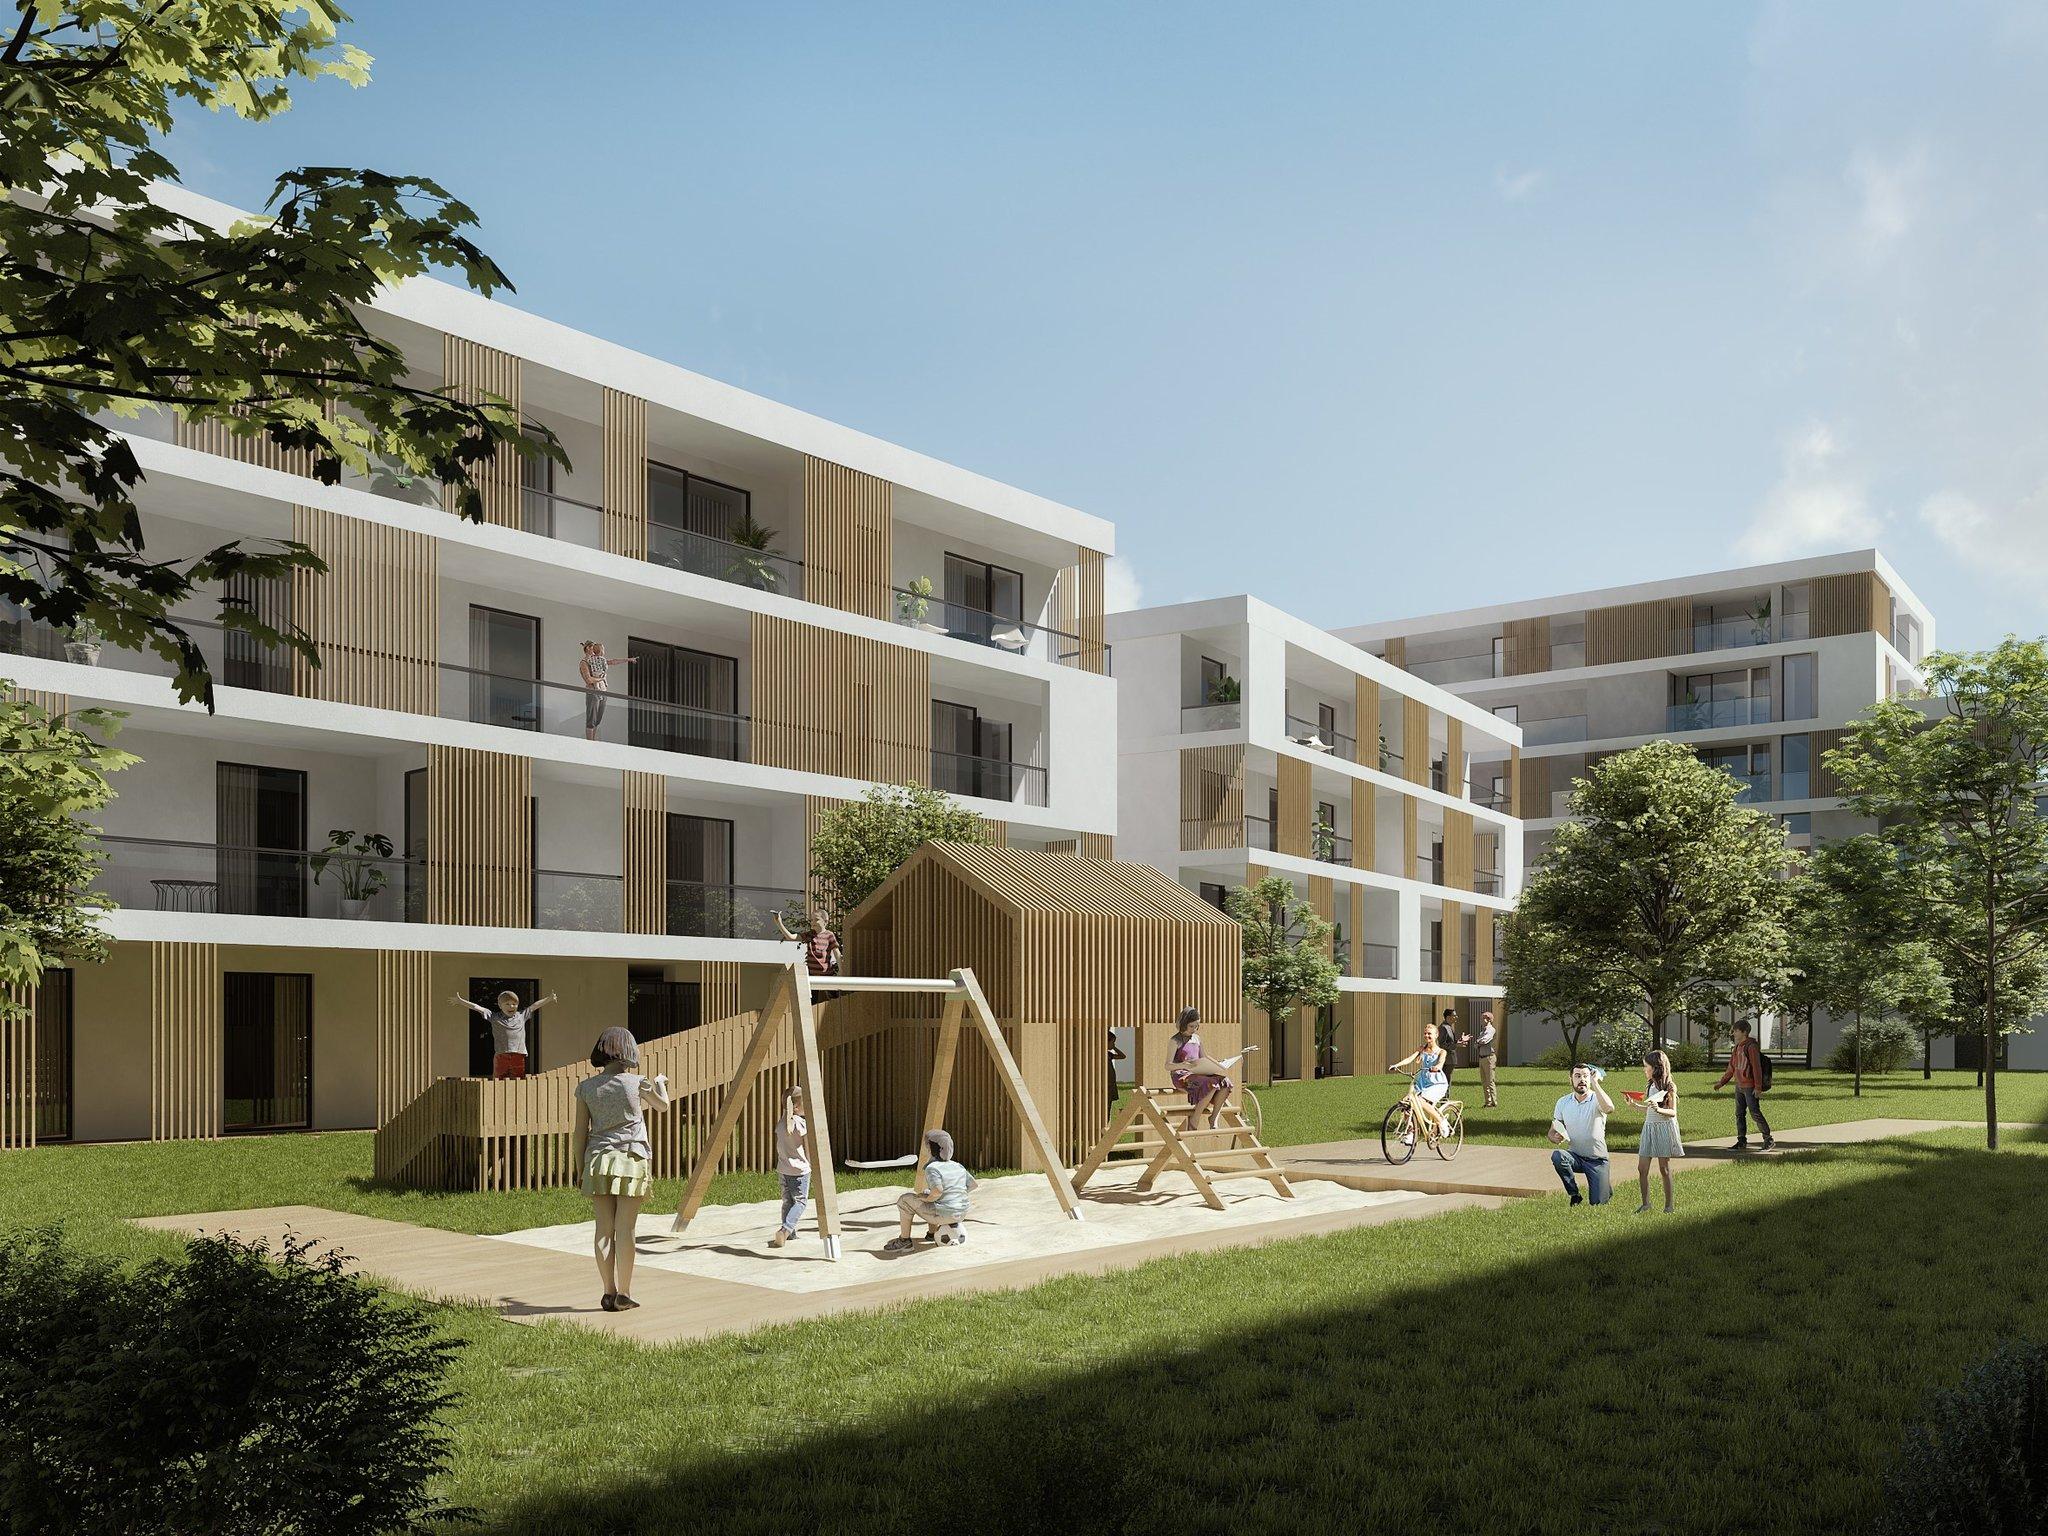 1 Zimmer Wohnung mieten in Sankt Plten | chad-manufacturing.com